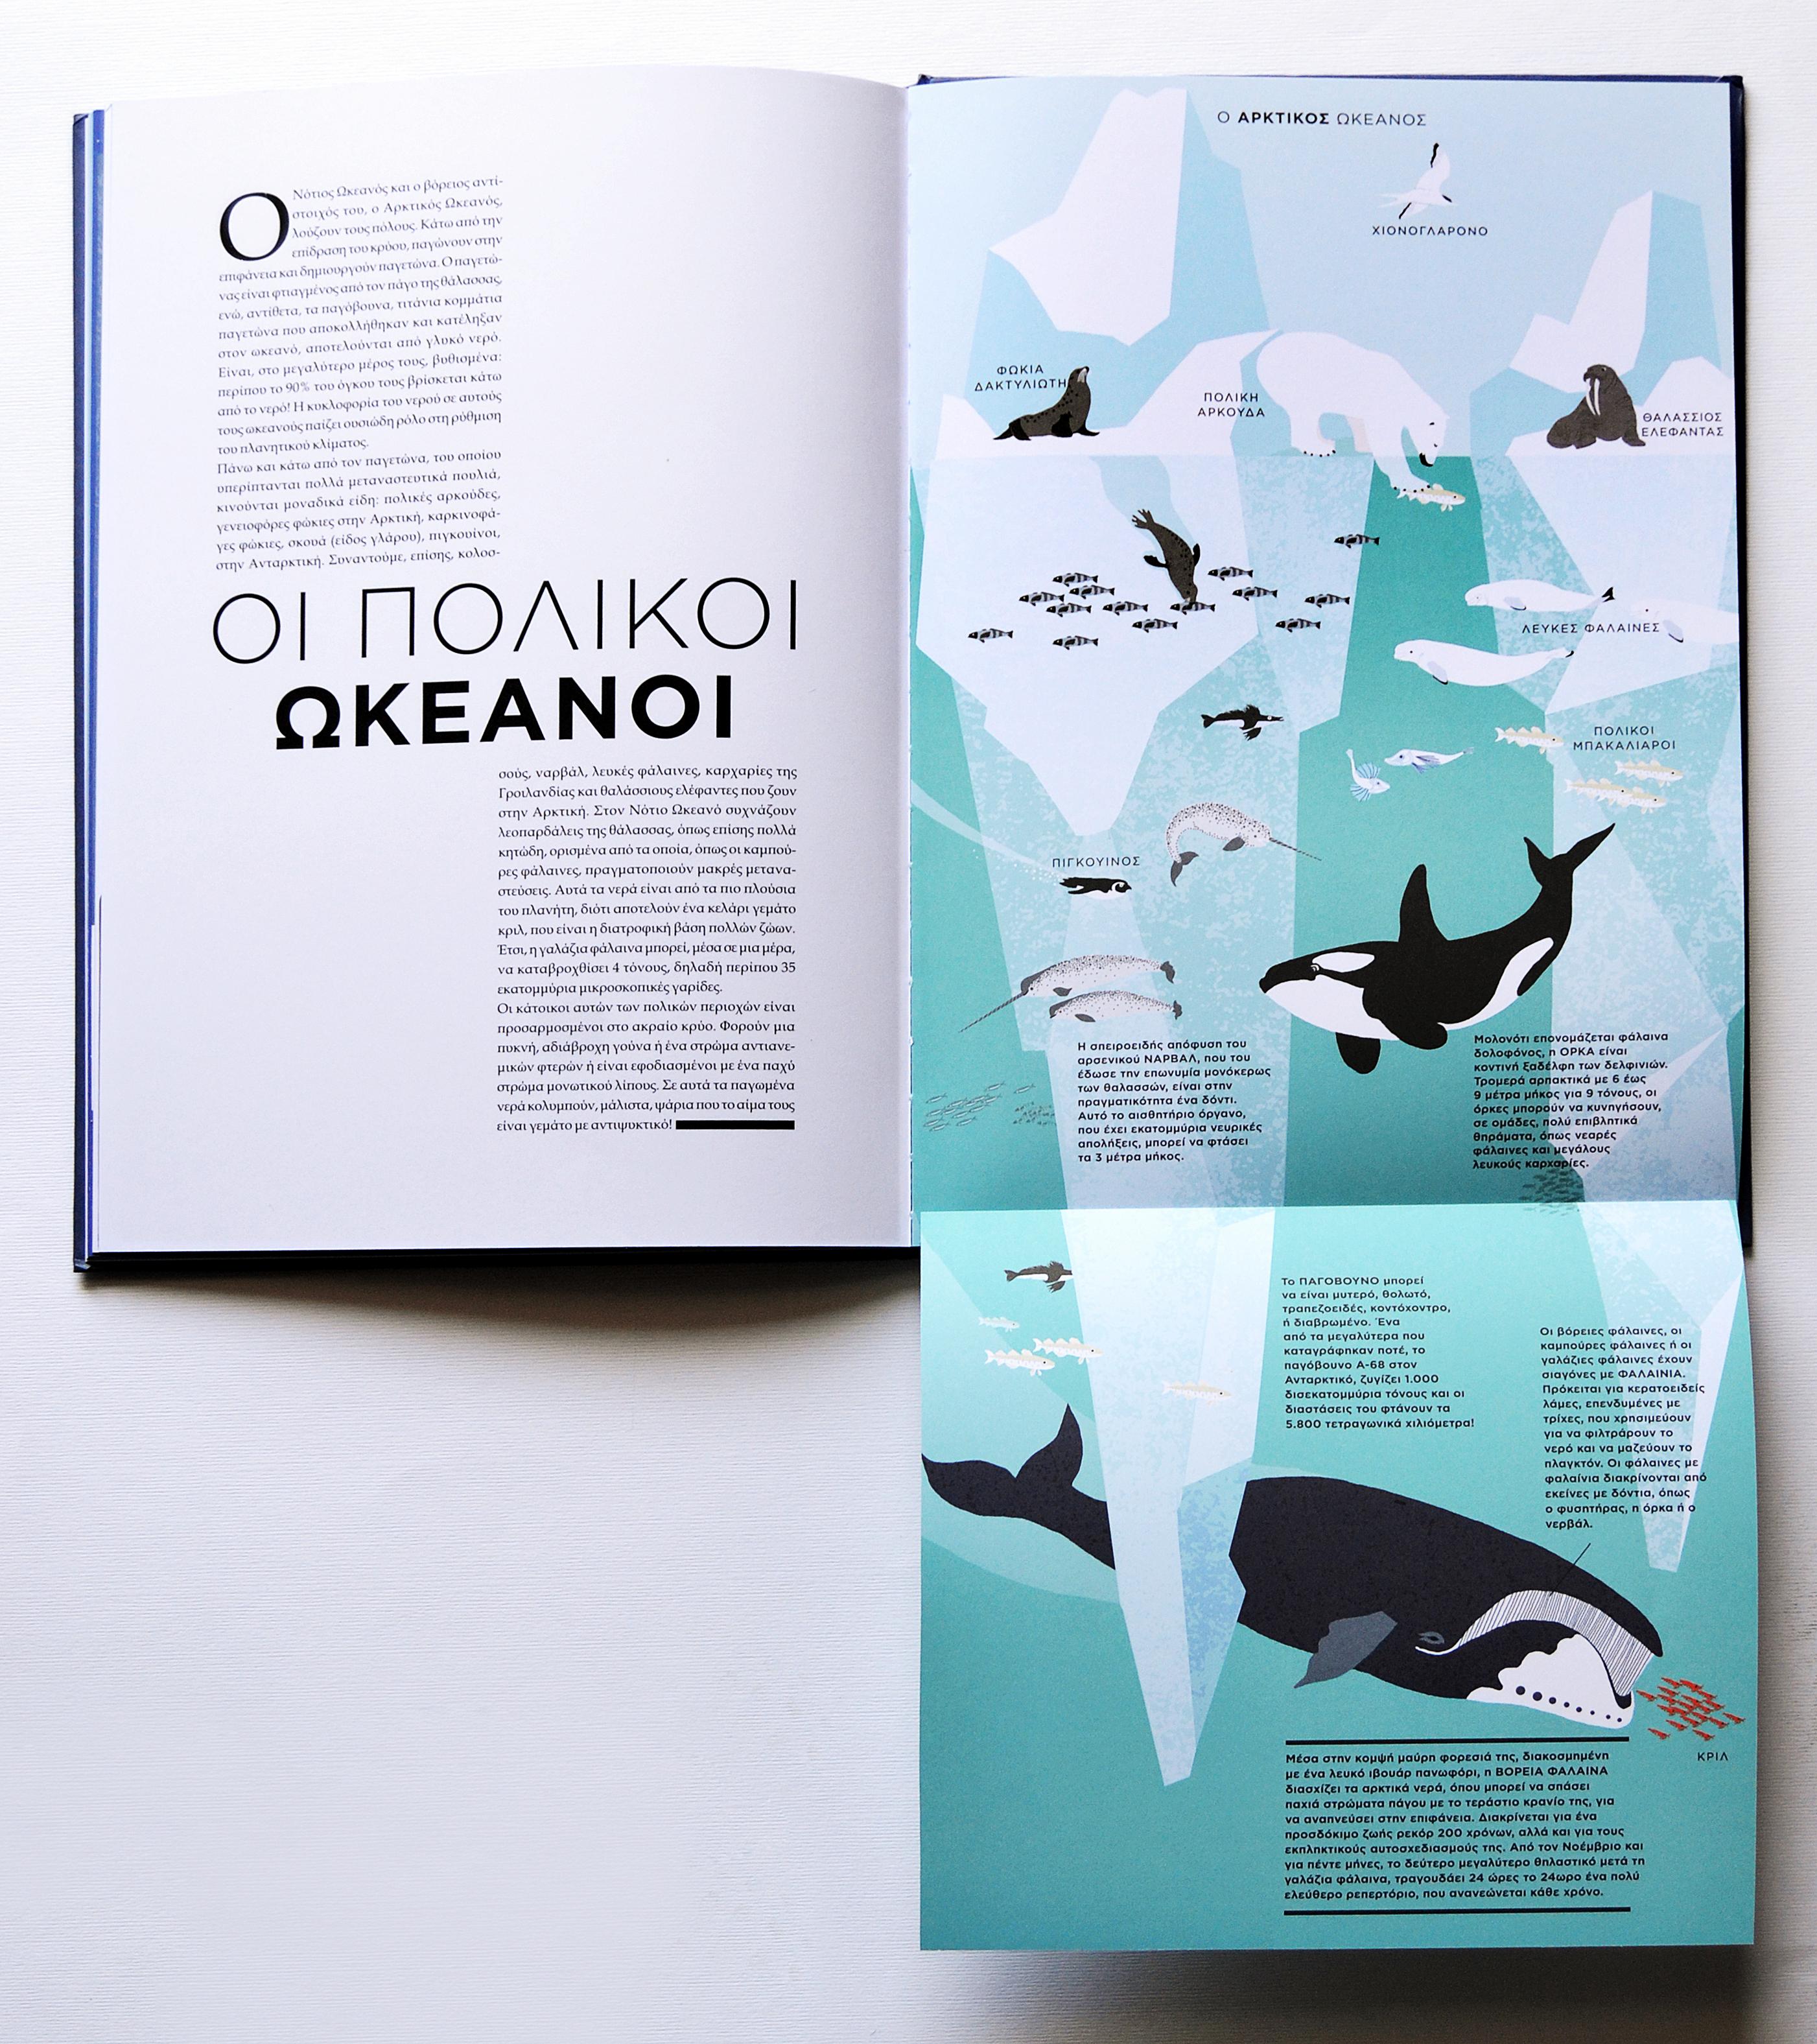 okeanos-apo-charti-kai-chroma2